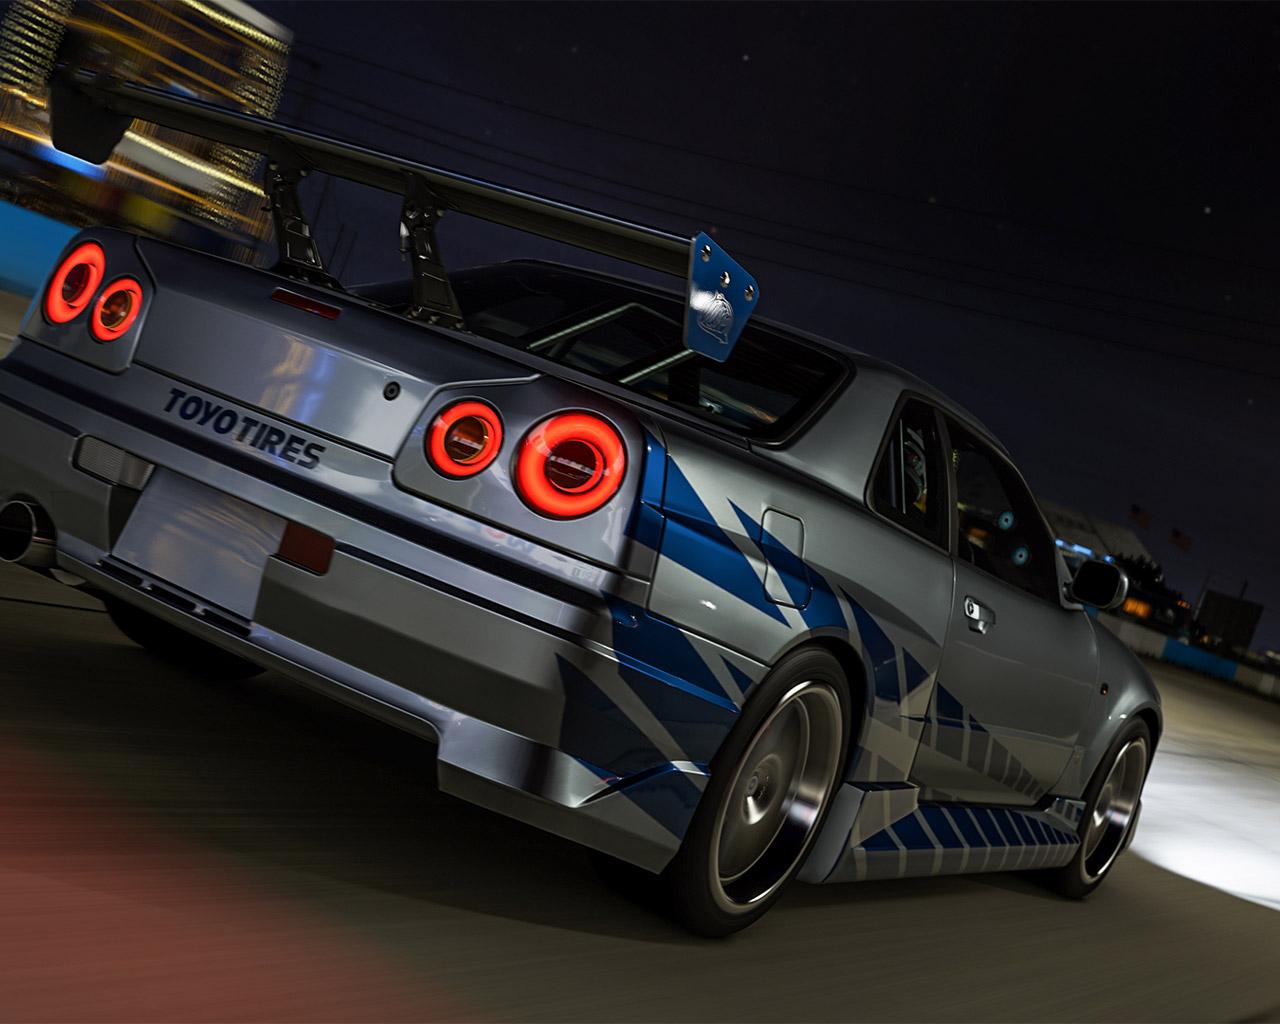 Forza Motorsport 6 Wallpaper in 1280x1024